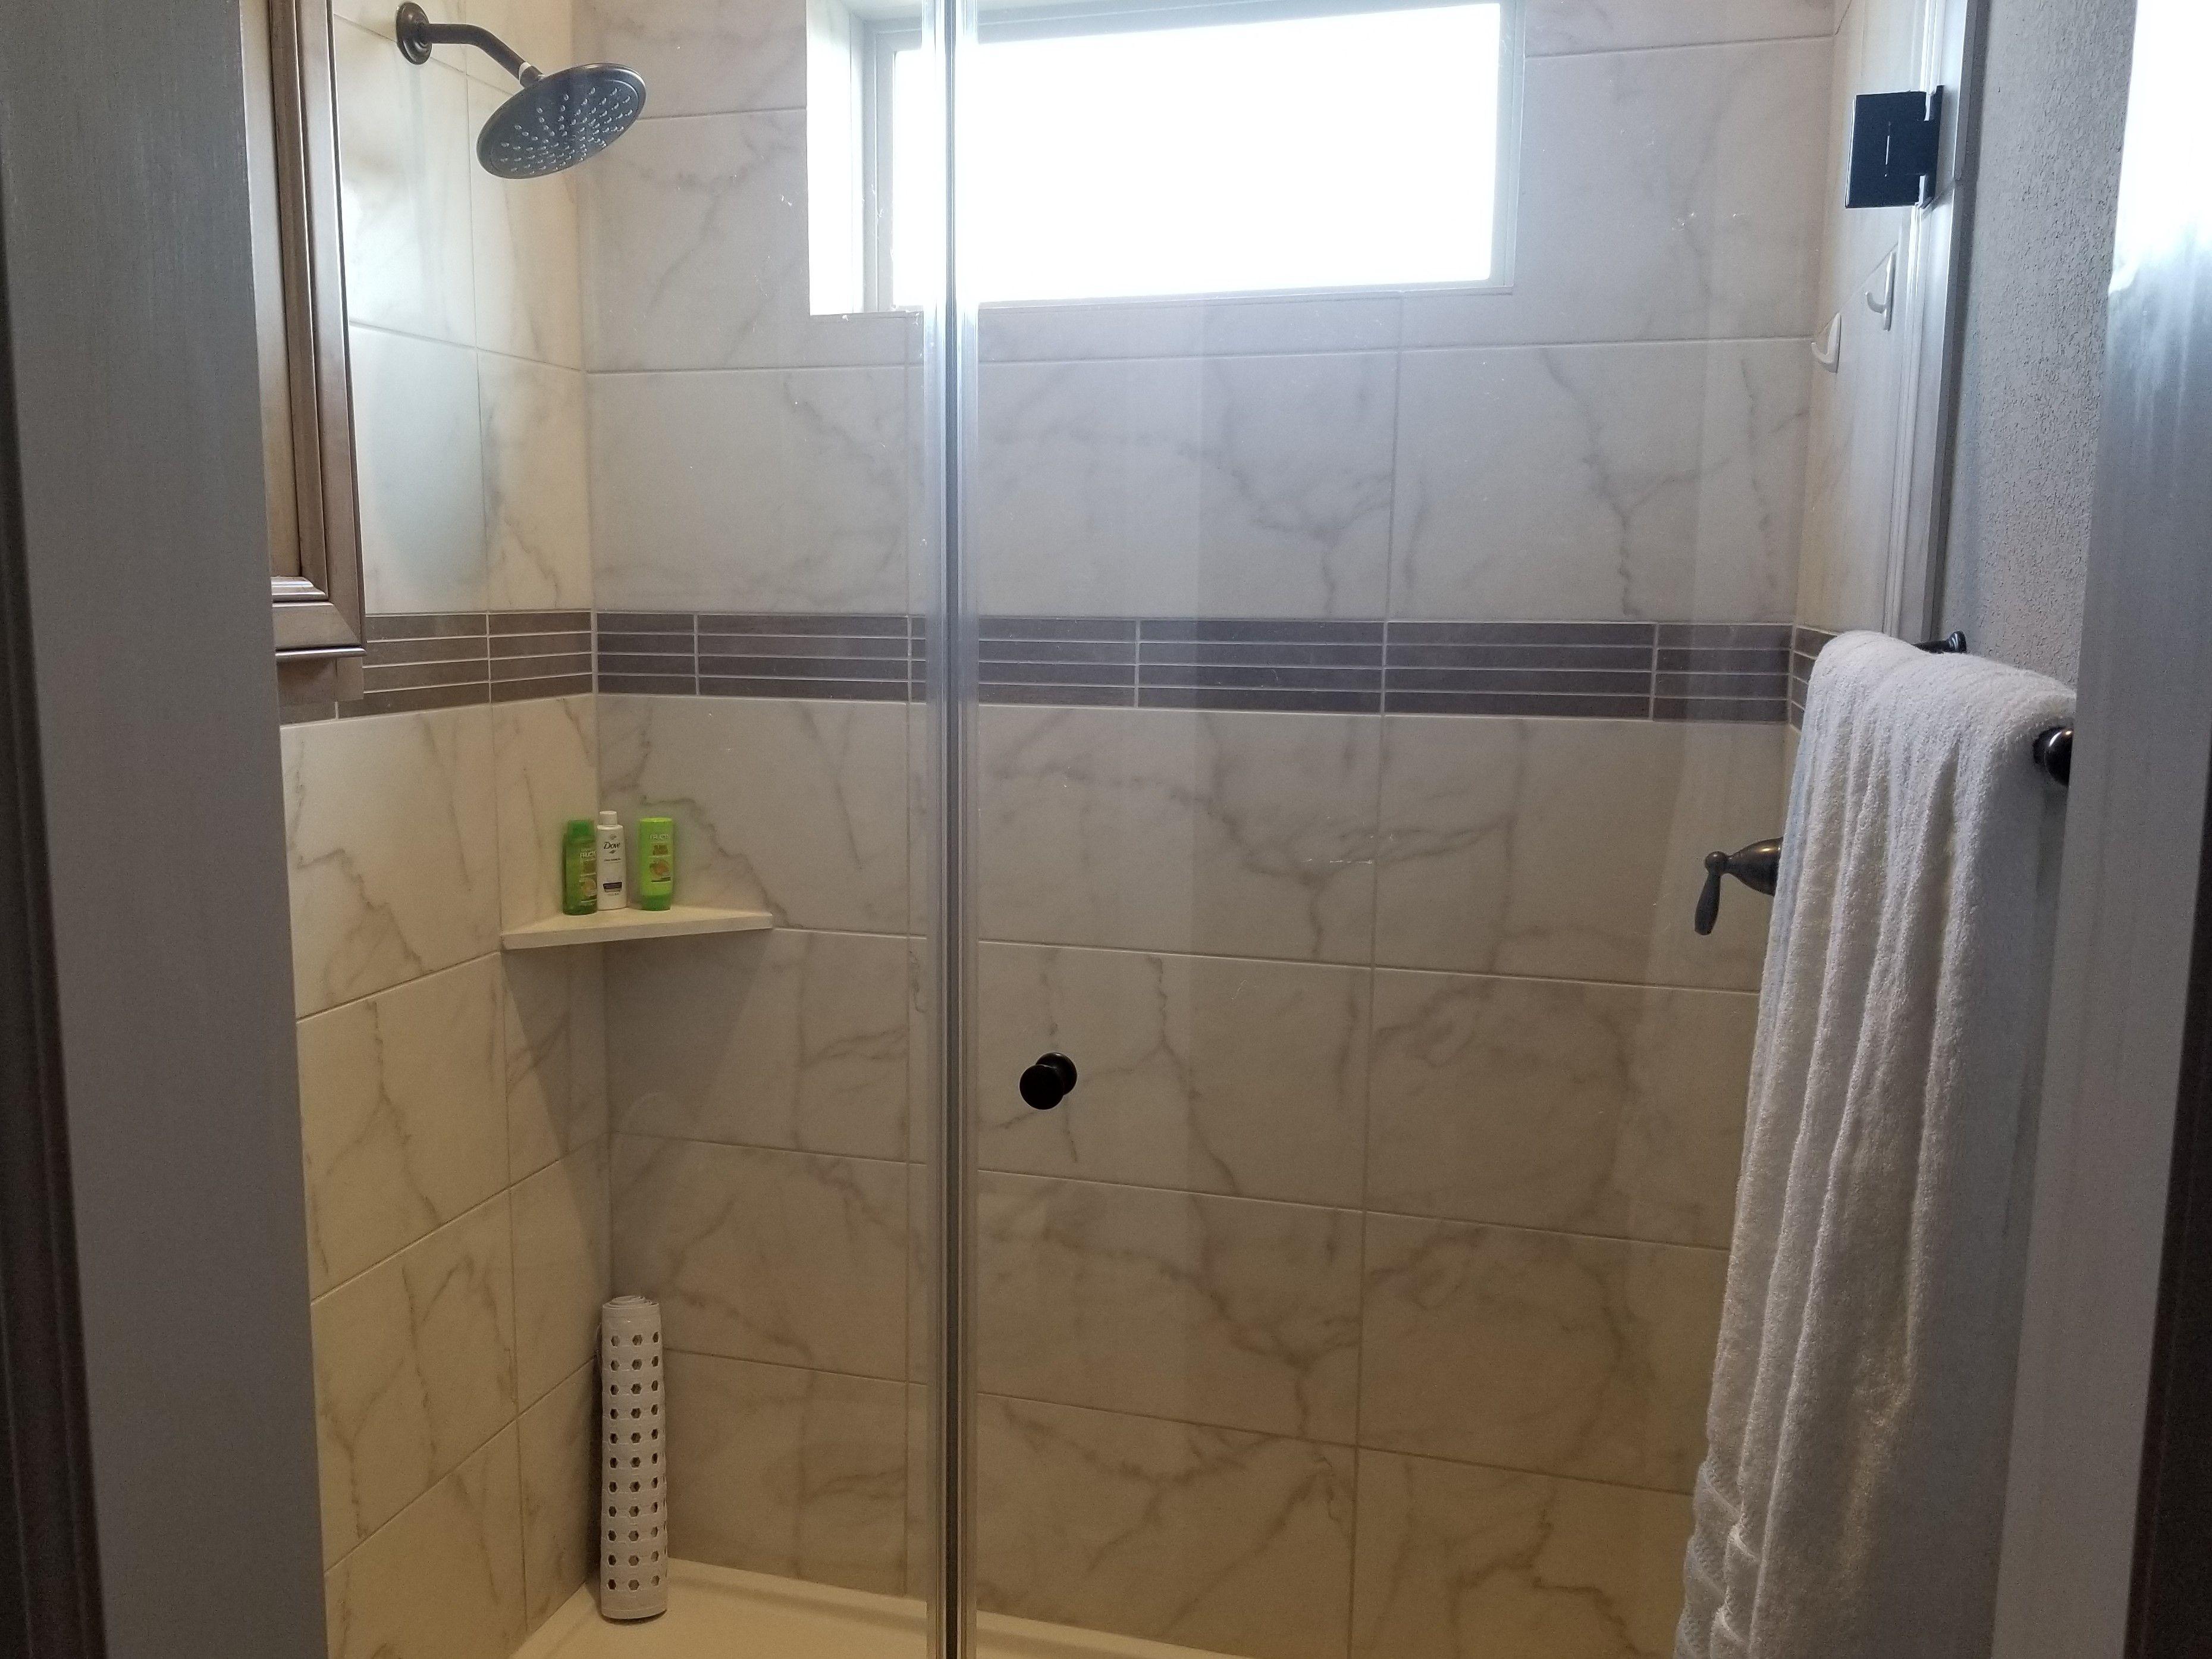 5-Rosewood Bathroom Shower.jpg